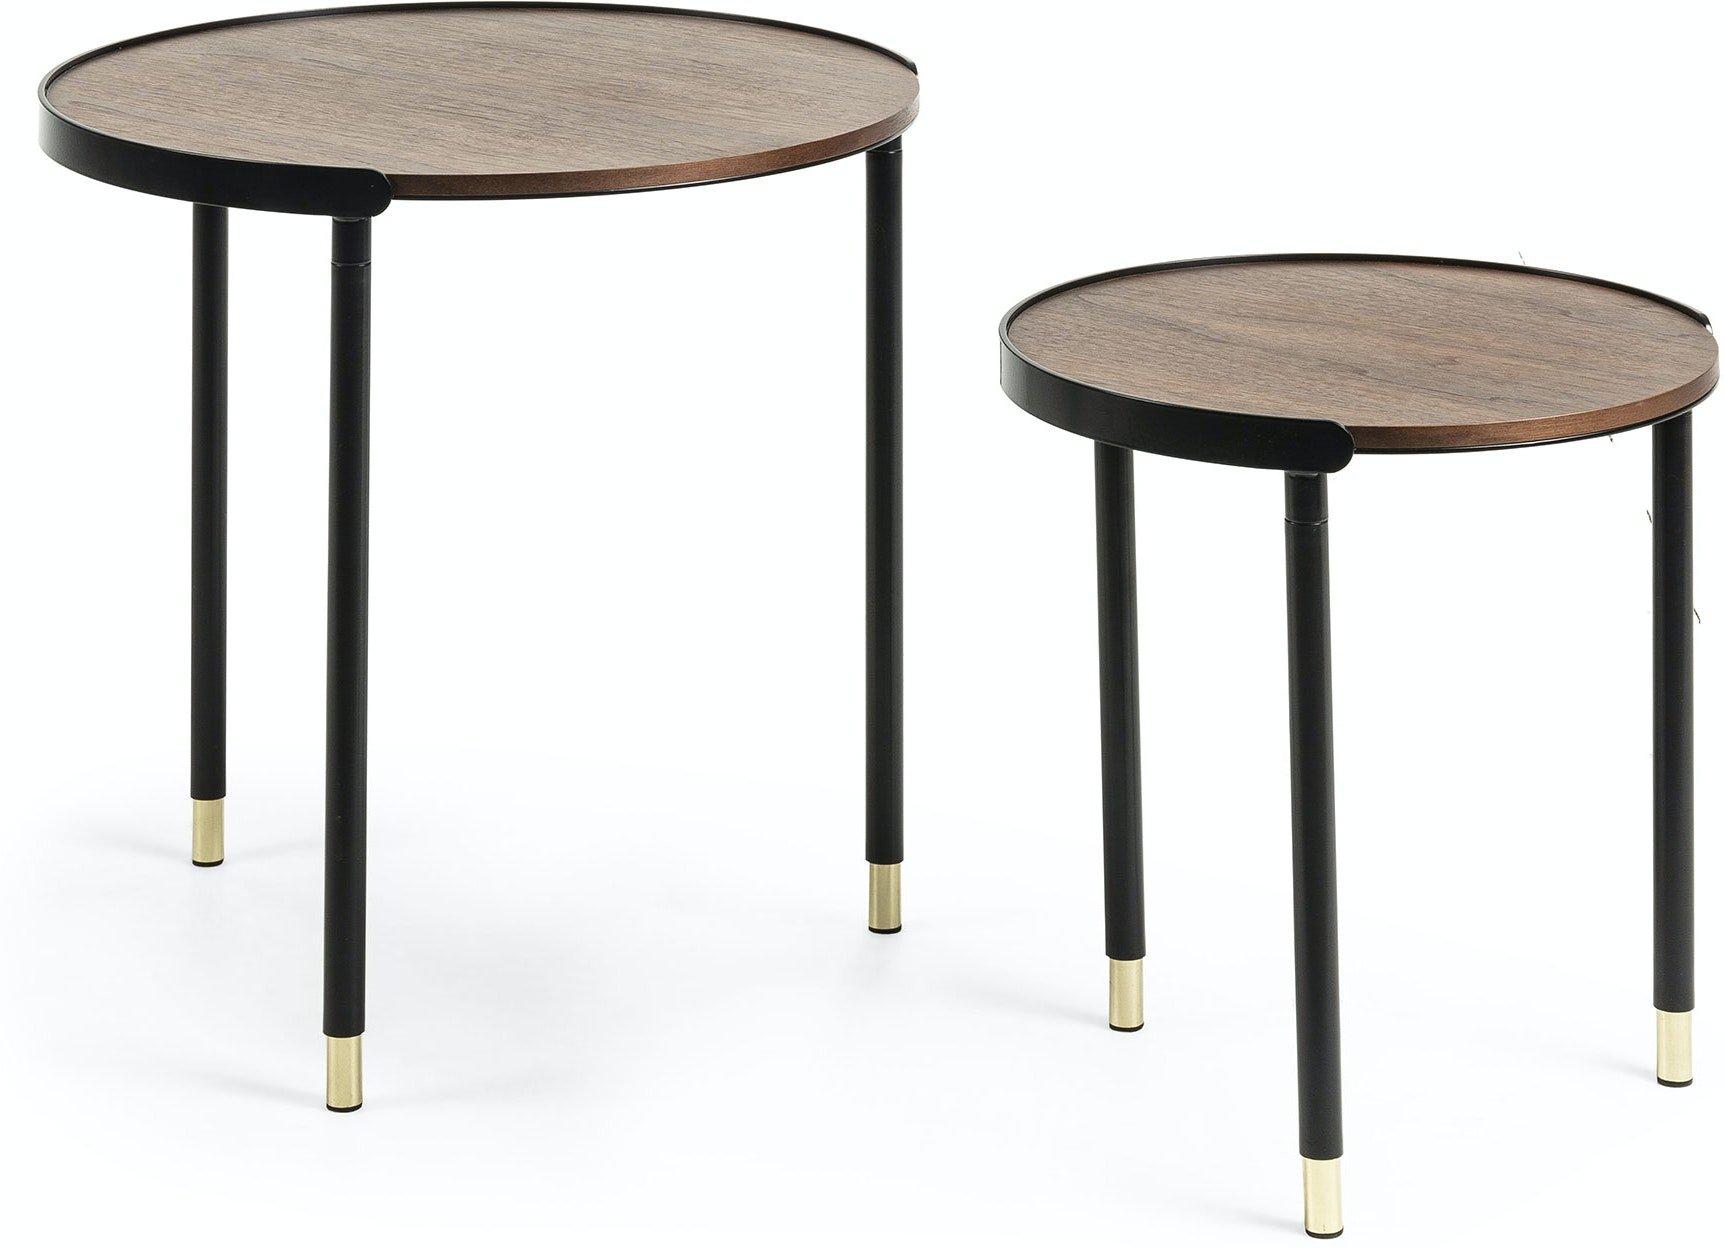 Anabel, Sidebord (sæt af 2 stk.) by LaForma (H: 55 cm. B: 50 cm. L: 50 cm., Natur/sort/guld)